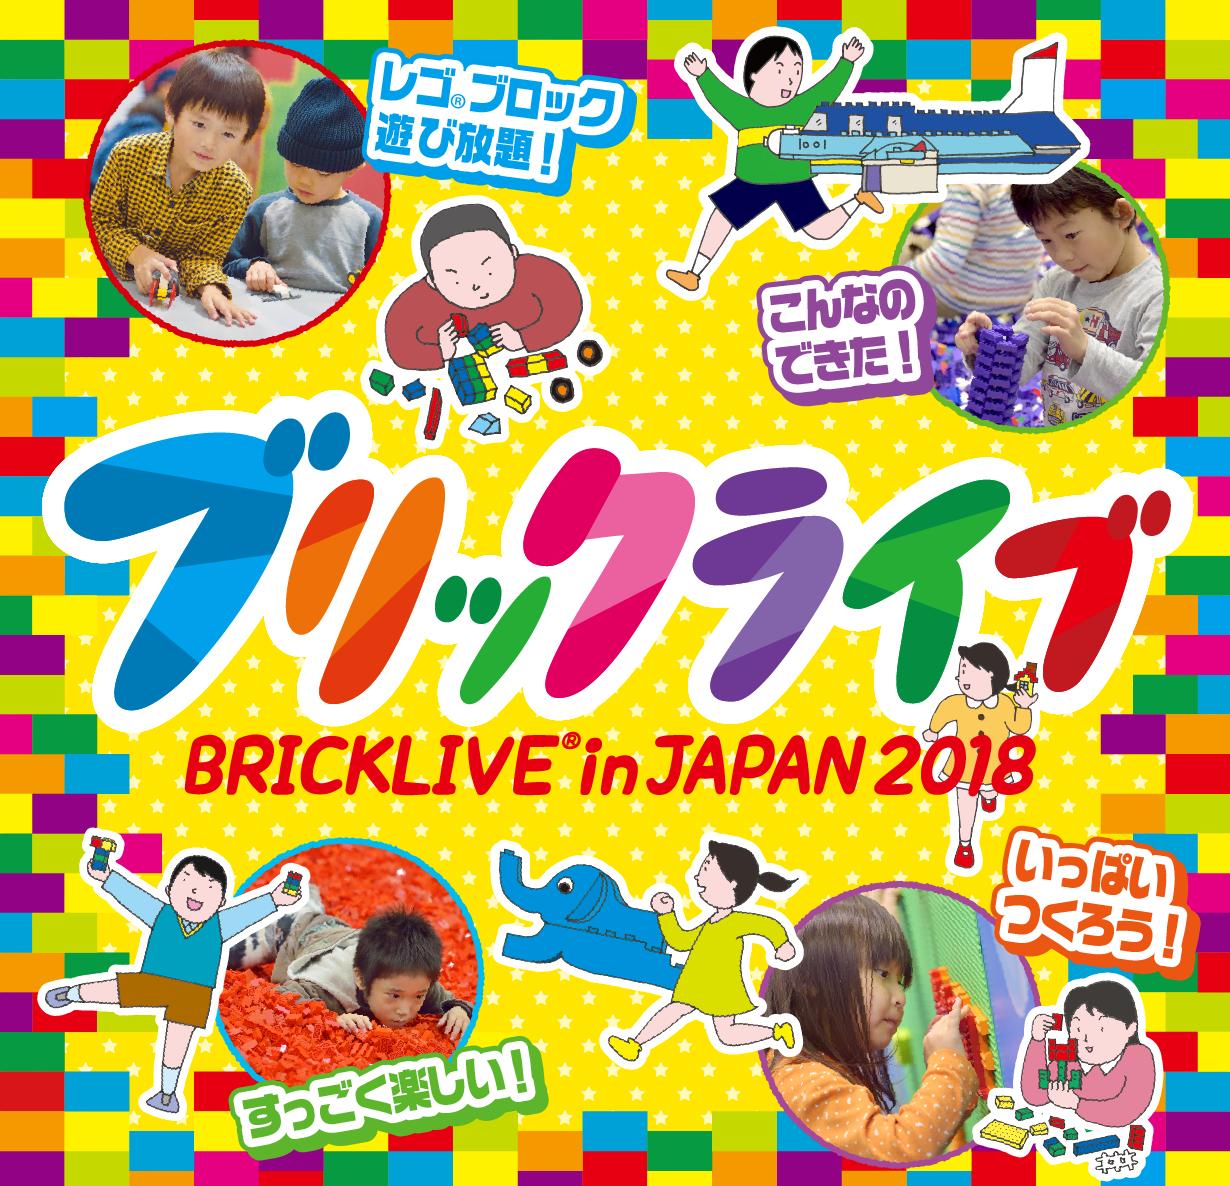 LEGO®ブロックを使った参加体験型イベント「BRICKLIVE® in JAPAN 2018」ベルサール秋葉原にて開催